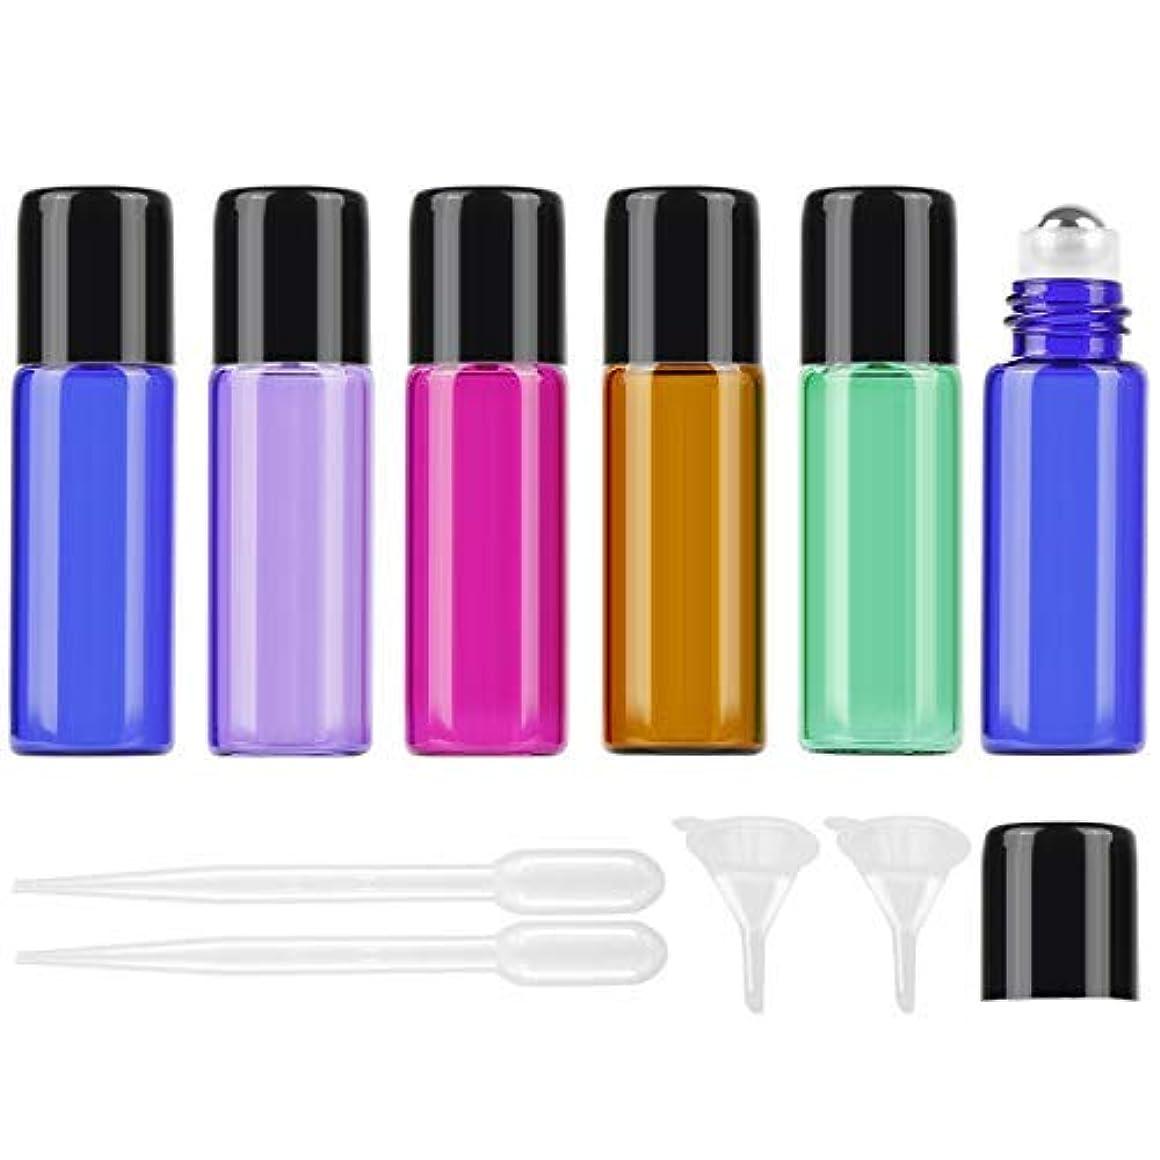 ミス閃光小康25Pcs 5ml Colored Essential Oil Roller Bottles Vials Glass Cosmetic Travel Containers with Stainless Steel Roller...